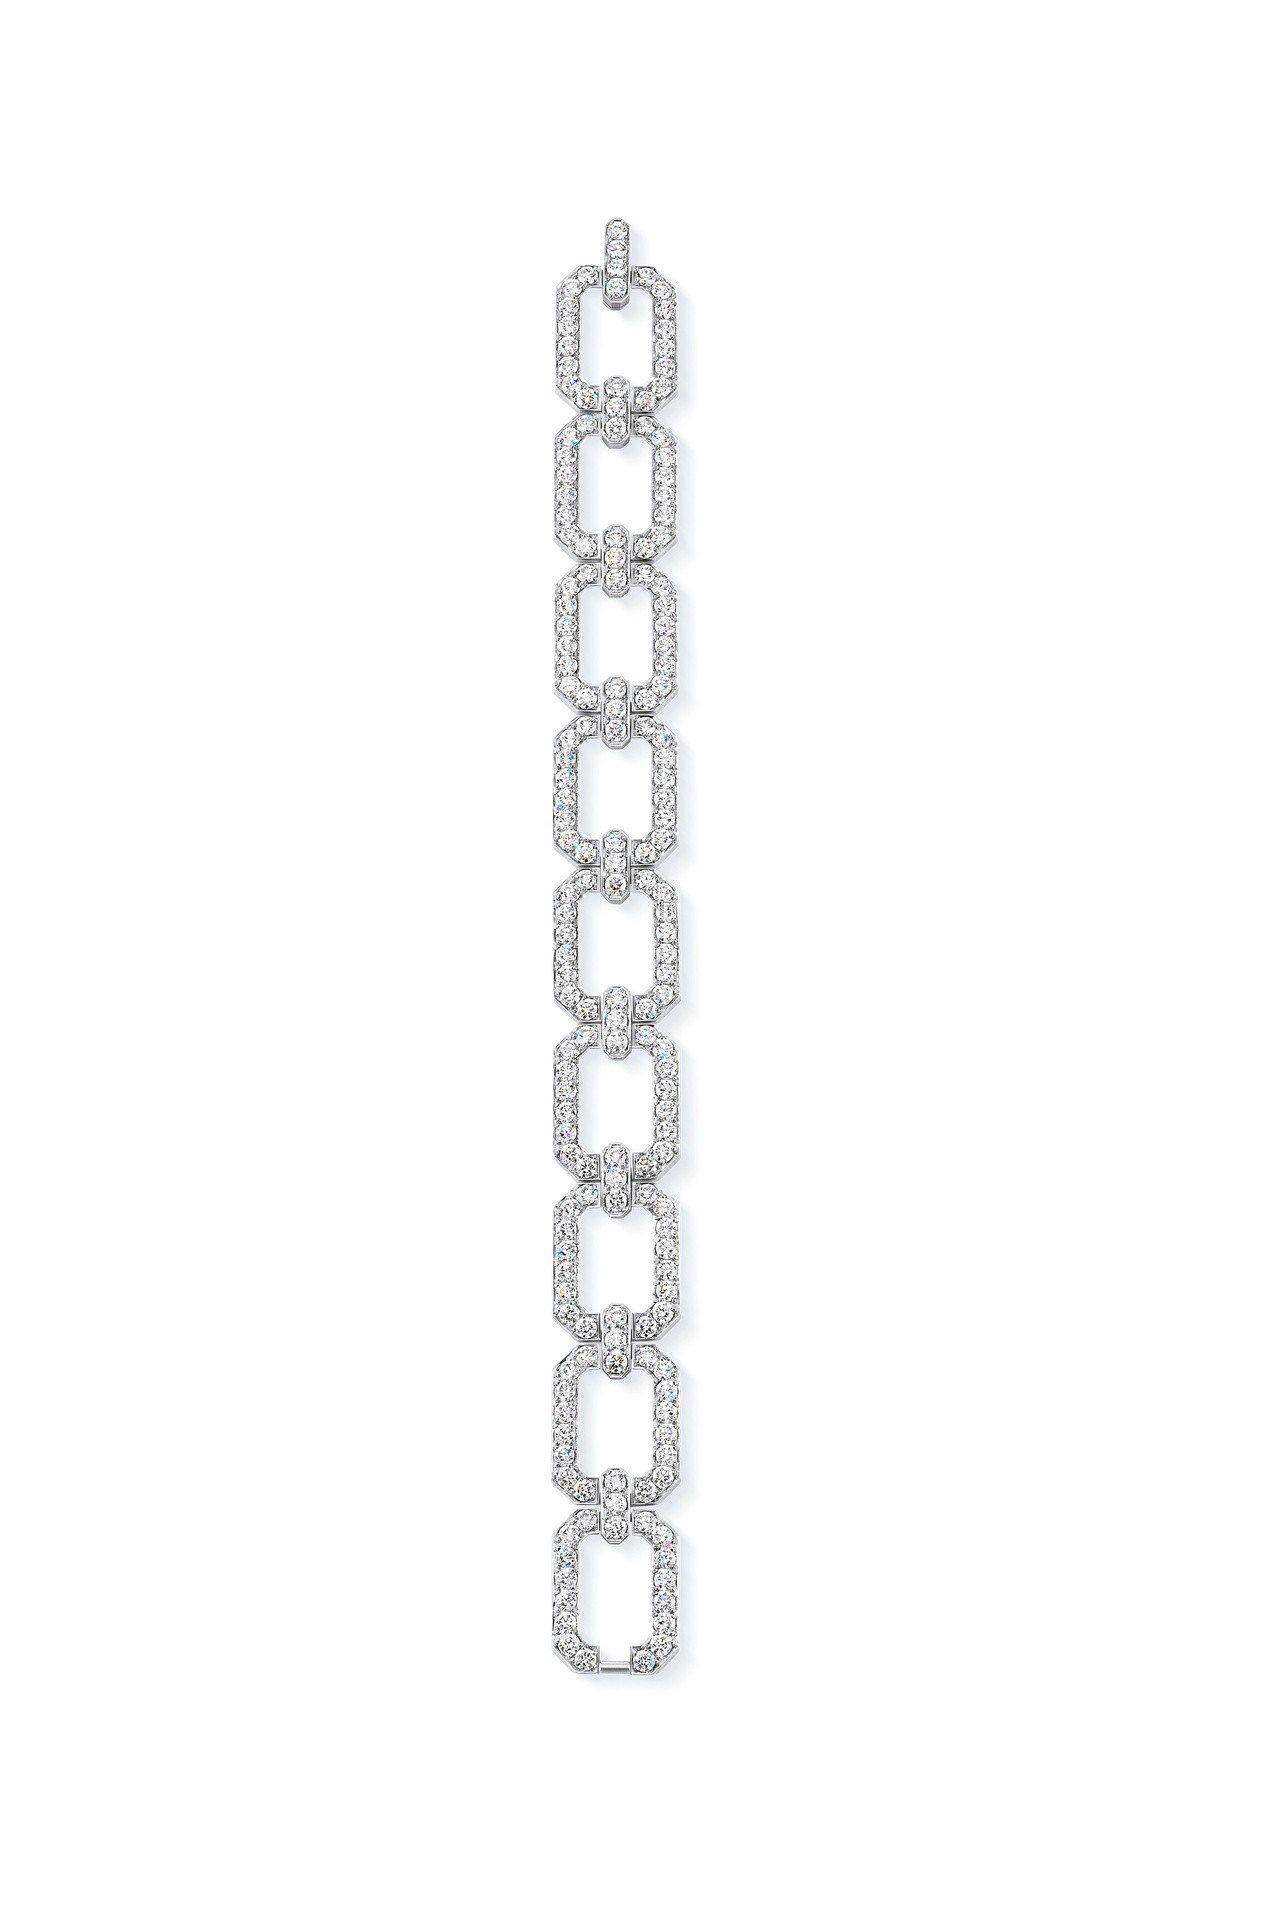 女星娜歐蜜華茲配戴的海瑞溫斯頓Link鑽石手鍊,鉑金鑲嵌鑽石約35.52克拉,價...